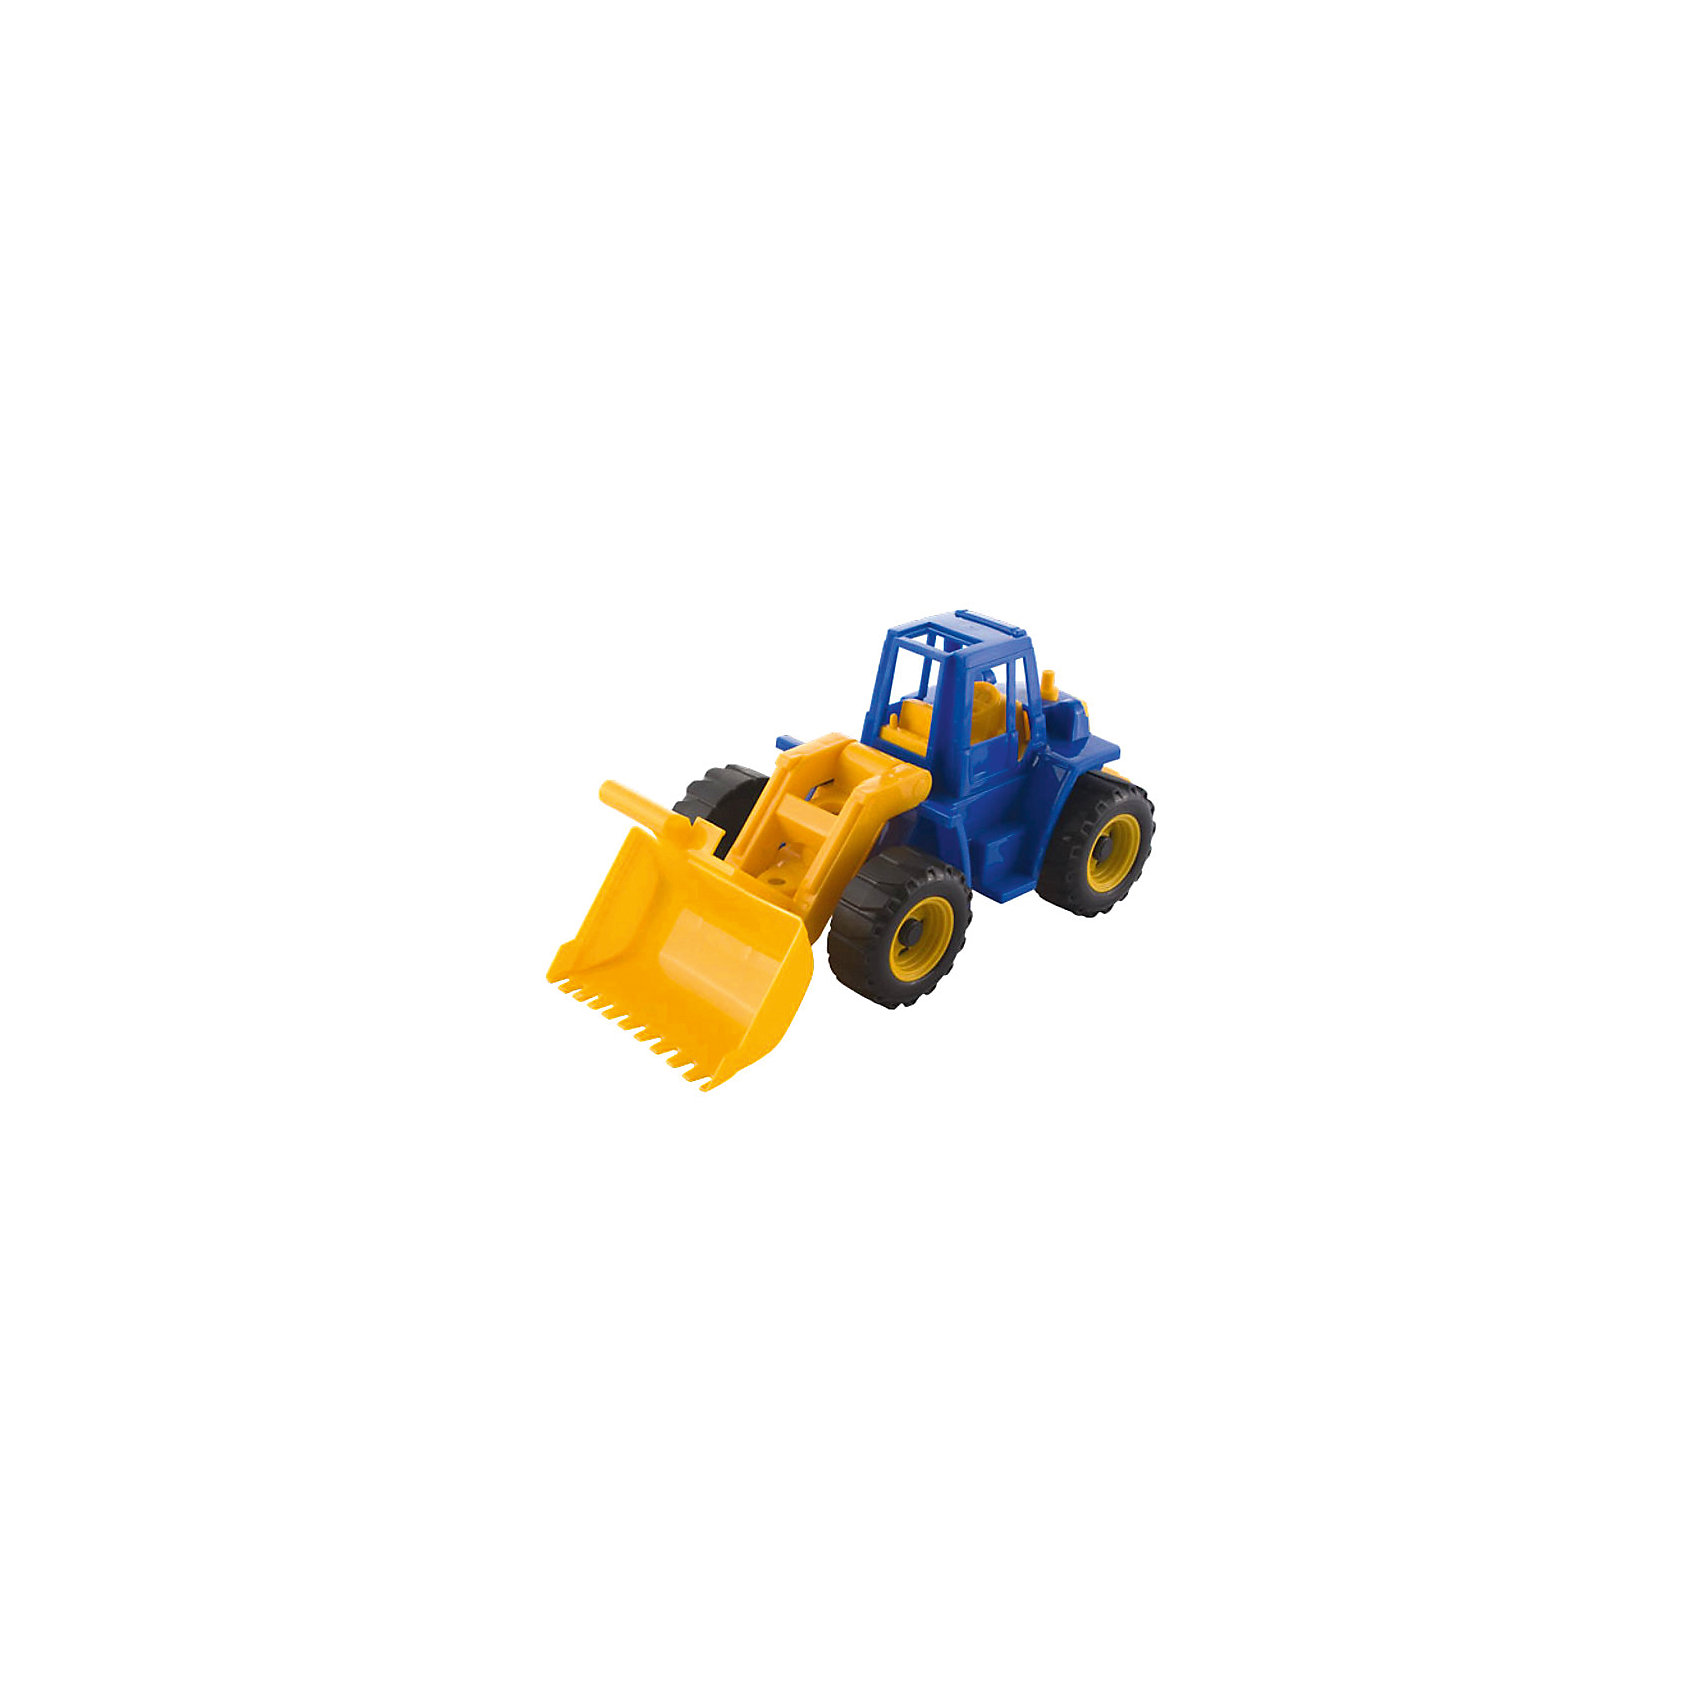 Трактор Ангара с грейдером, НордпластМашинки<br>Трактор Ангара с грейдером, Нордпласт – это яркая пластмассовая машина, которой интересно будет играть вашему мальчику.<br>Яркий большой трактор Ангара от компании Нордпласт прекрасно подойдет для игр, как в помещении, так и на улице. У трактора большой грейдер, который опускается и поднимается. С помощью грейдера можно копать траншеи, строить и убирать дороги и придумать много интересных и увлекательных игр. А в строительстве песочных замков, домов или плотин он станет незаменим! В кабине трактора есть сиденье, и в нее можно посадить маленькую фигурку водителя. Две пары крупных рефренных колес обеспечивается отличное сцепление с поверхностью, а значит, трактор может преодолеть даже самые «непроходимые» песочные горки. Игрушка изготовлена из высококачественной пищевой пластмассы, без трещин и заусениц, поэтому во время эксплуатации выдержит многие детские шалости. Она покрыта нетоксичной краской, не облупливающейся и не выгорающей на солнце. Товар соответствует требованиям стандарта для детских игрушек и имеет сертификат качества.<br><br>Дополнительная информация:<br><br>- Материал: высококачественная пластмасса<br>- Размер: 16х16х,35,5 см.<br>- Вес: 360 гр.<br><br>Трактор Ангара с грейдером, Нордпласт можно купить в нашем интернет-магазине.<br><br>Ширина мм: 355<br>Глубина мм: 160<br>Высота мм: 160<br>Вес г: 360<br>Возраст от месяцев: 36<br>Возраст до месяцев: 72<br>Пол: Мужской<br>Возраст: Детский<br>SKU: 4112741